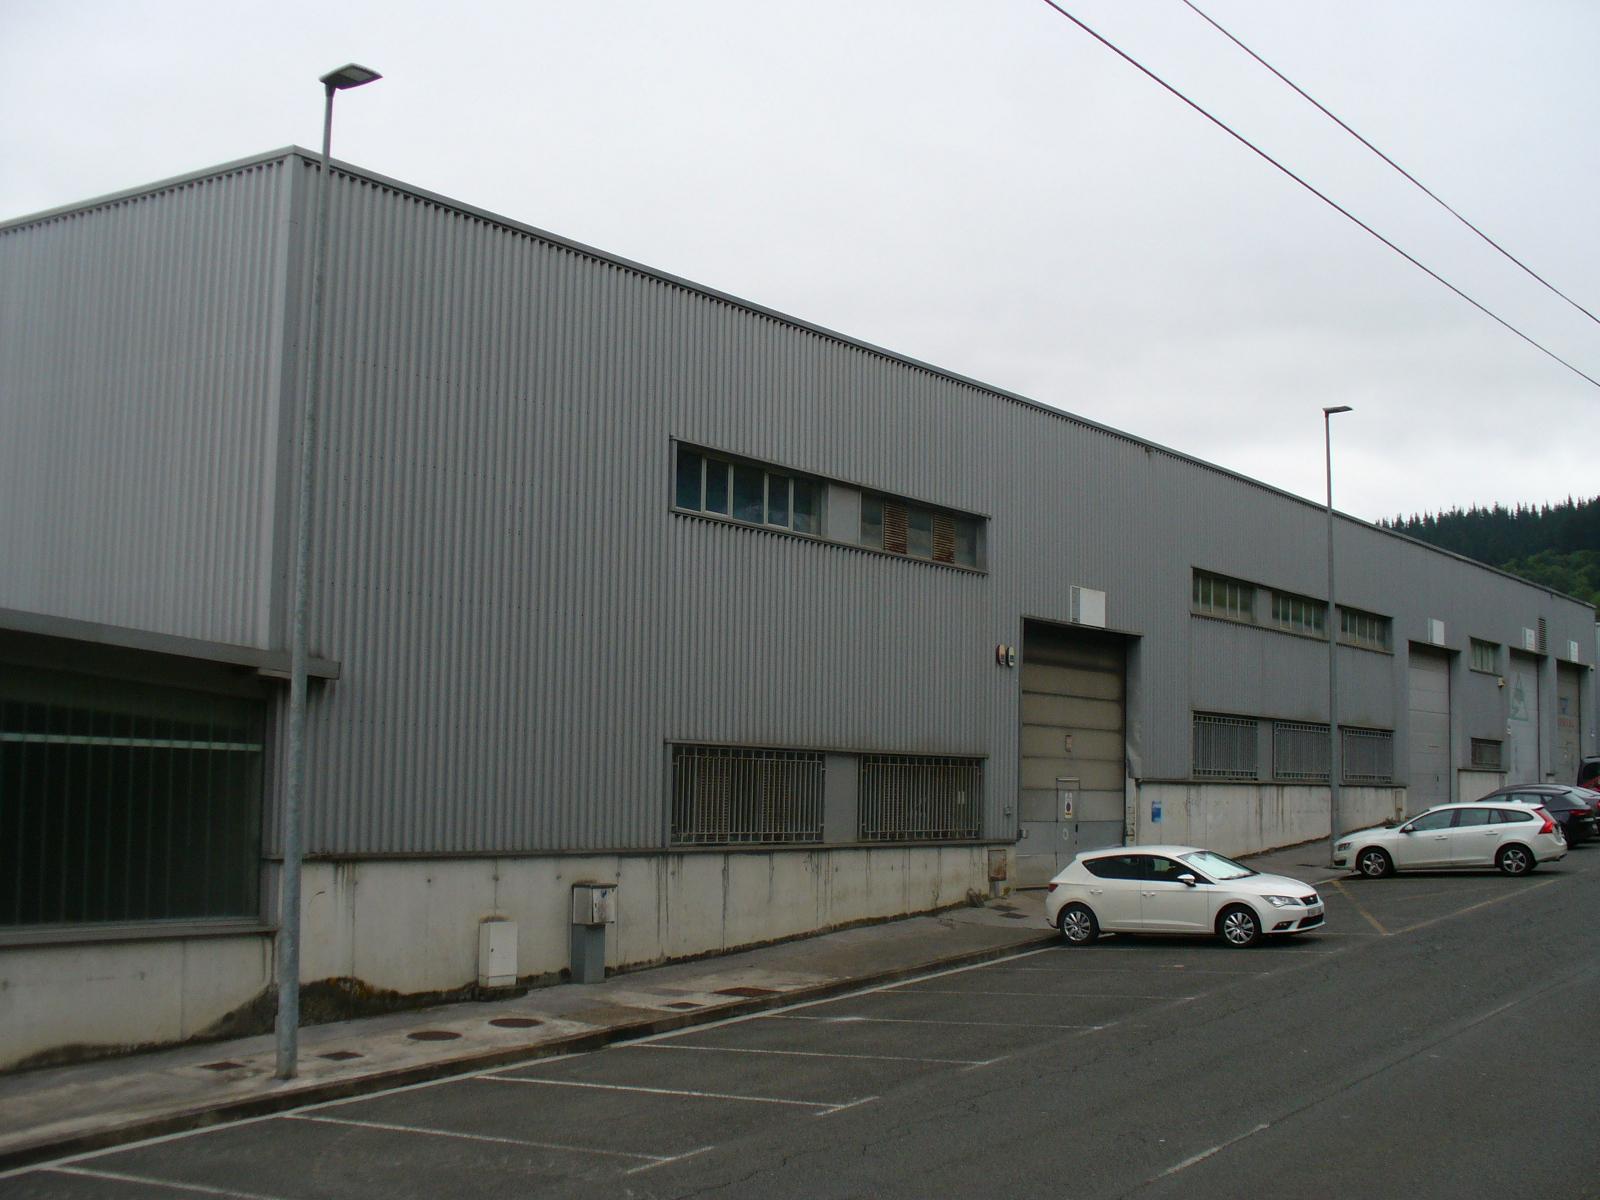 Imagen de Pabellón en planta alta nº 1, Polígono Industrial Markulete E45 – Arrasate